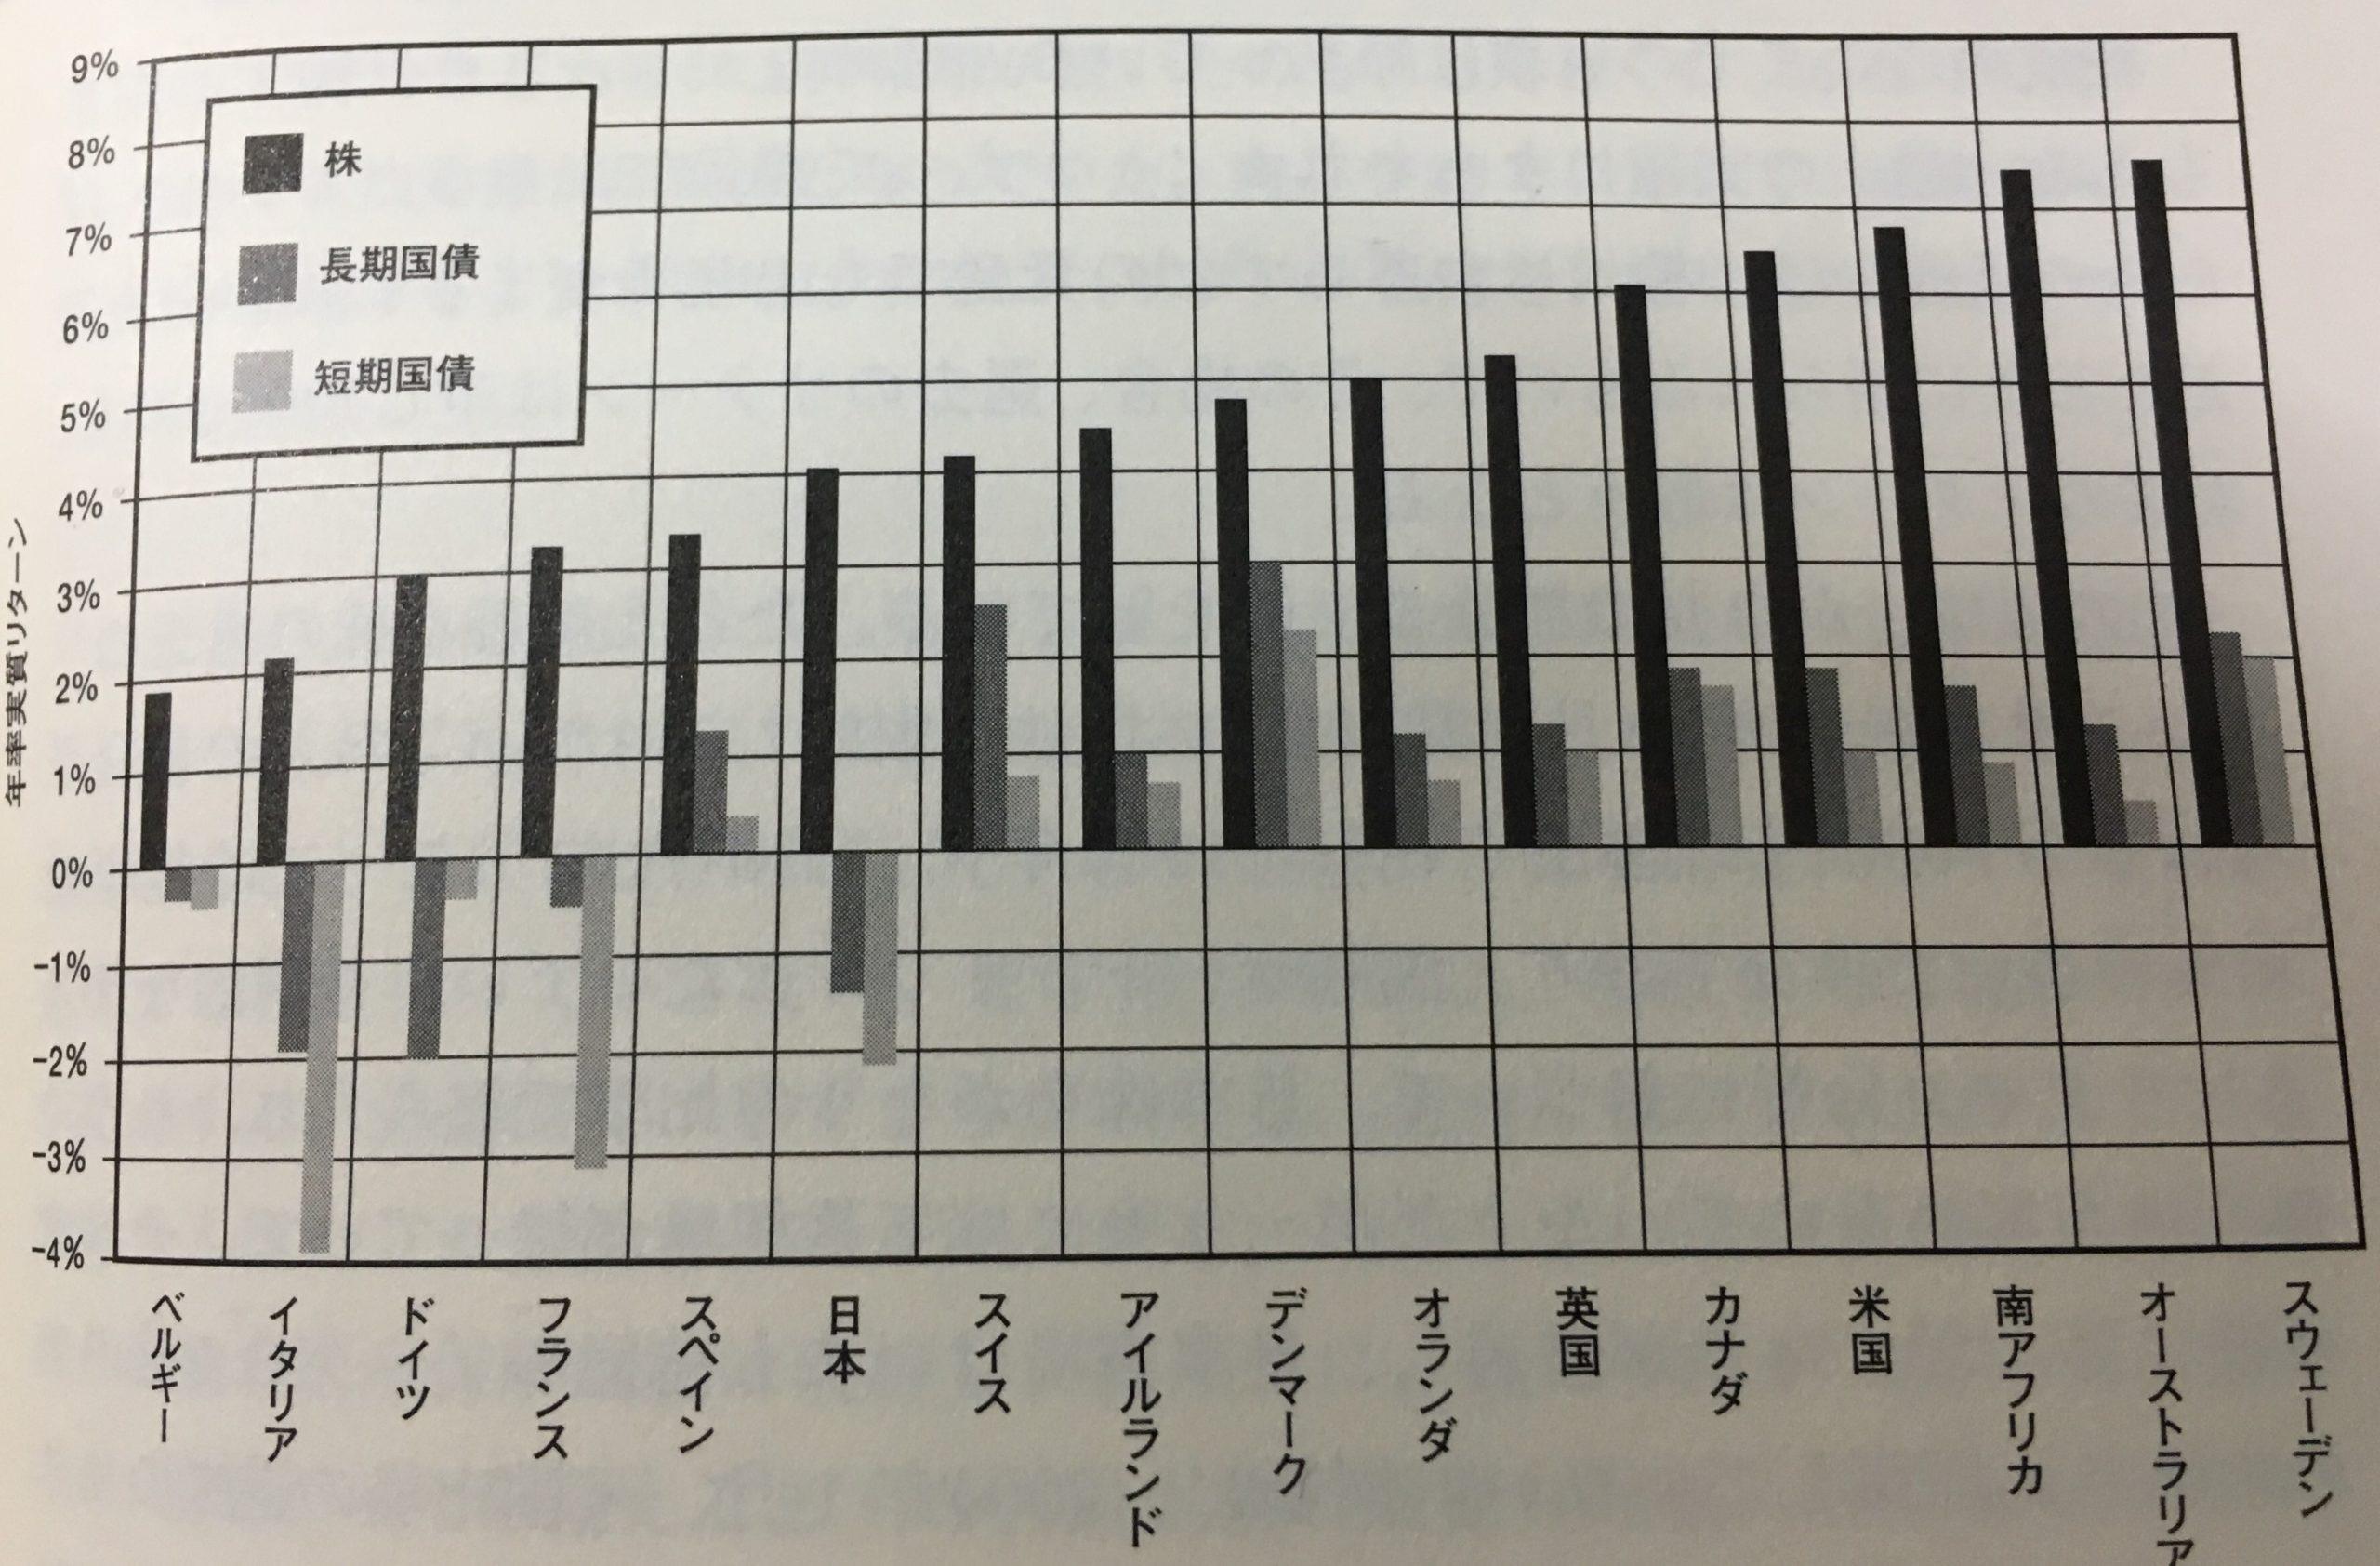 平均リターングラフ